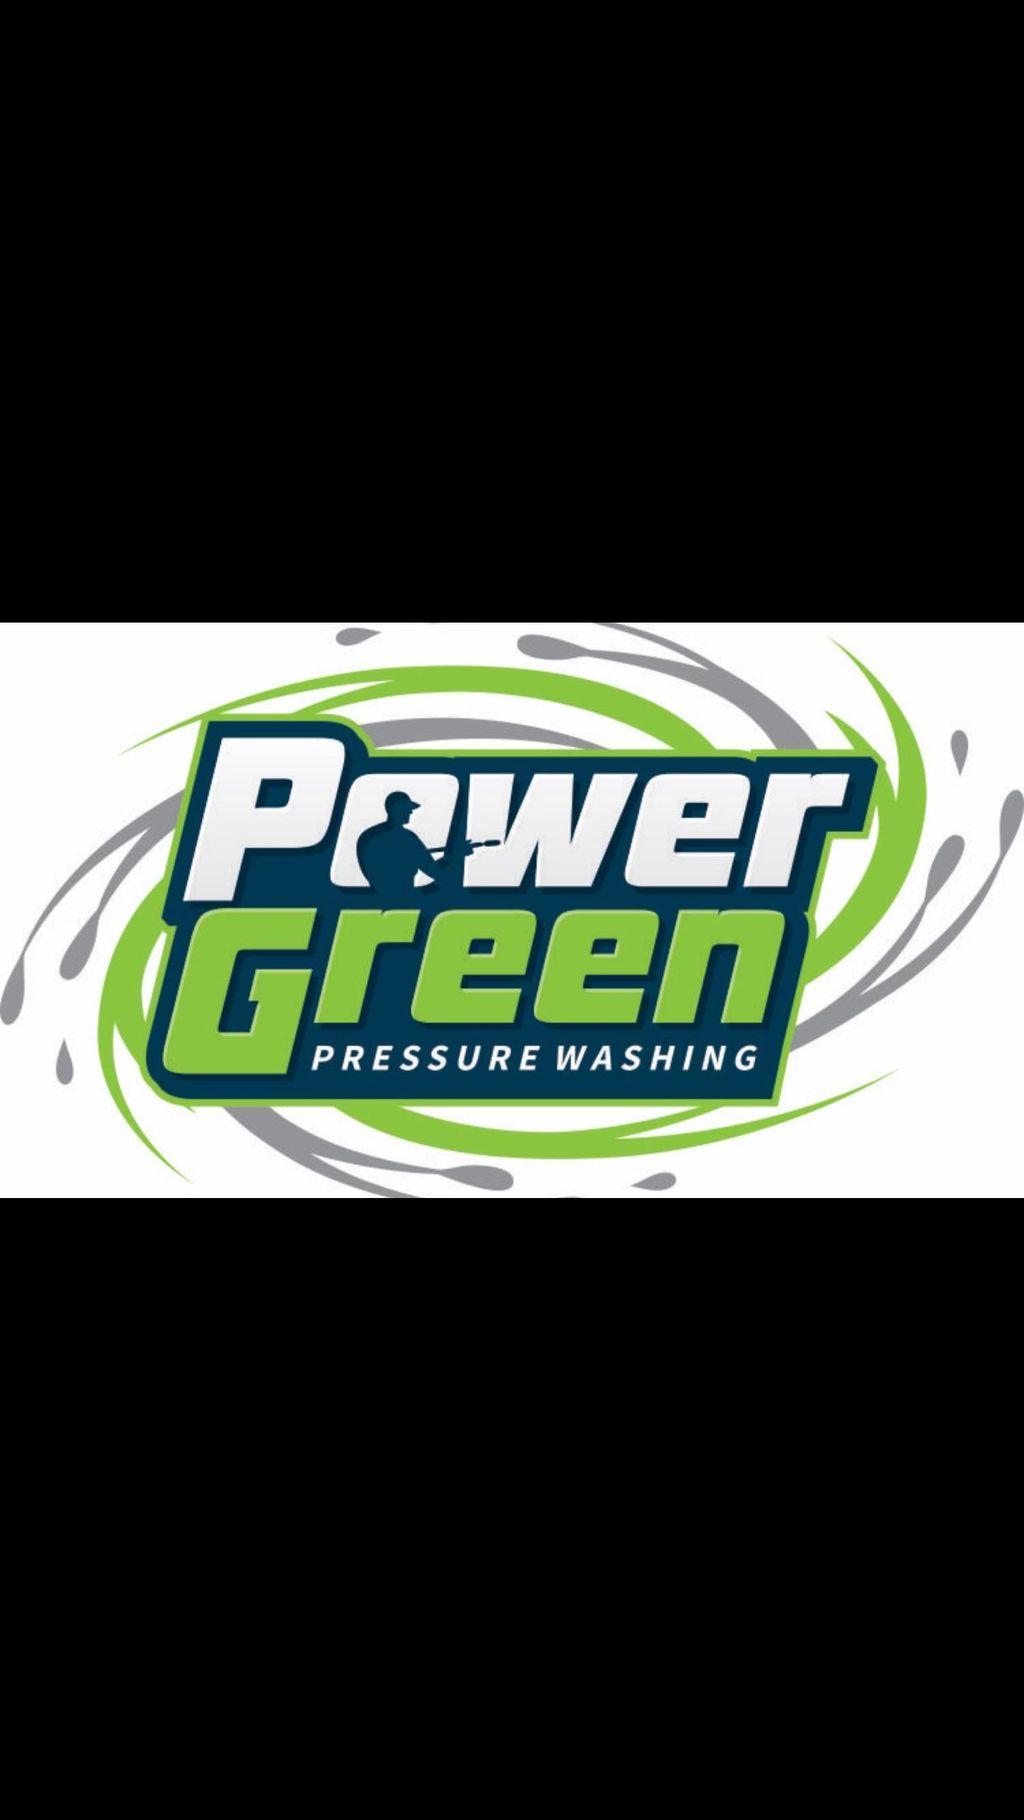 Powergreen Pressure Washing and Lighting